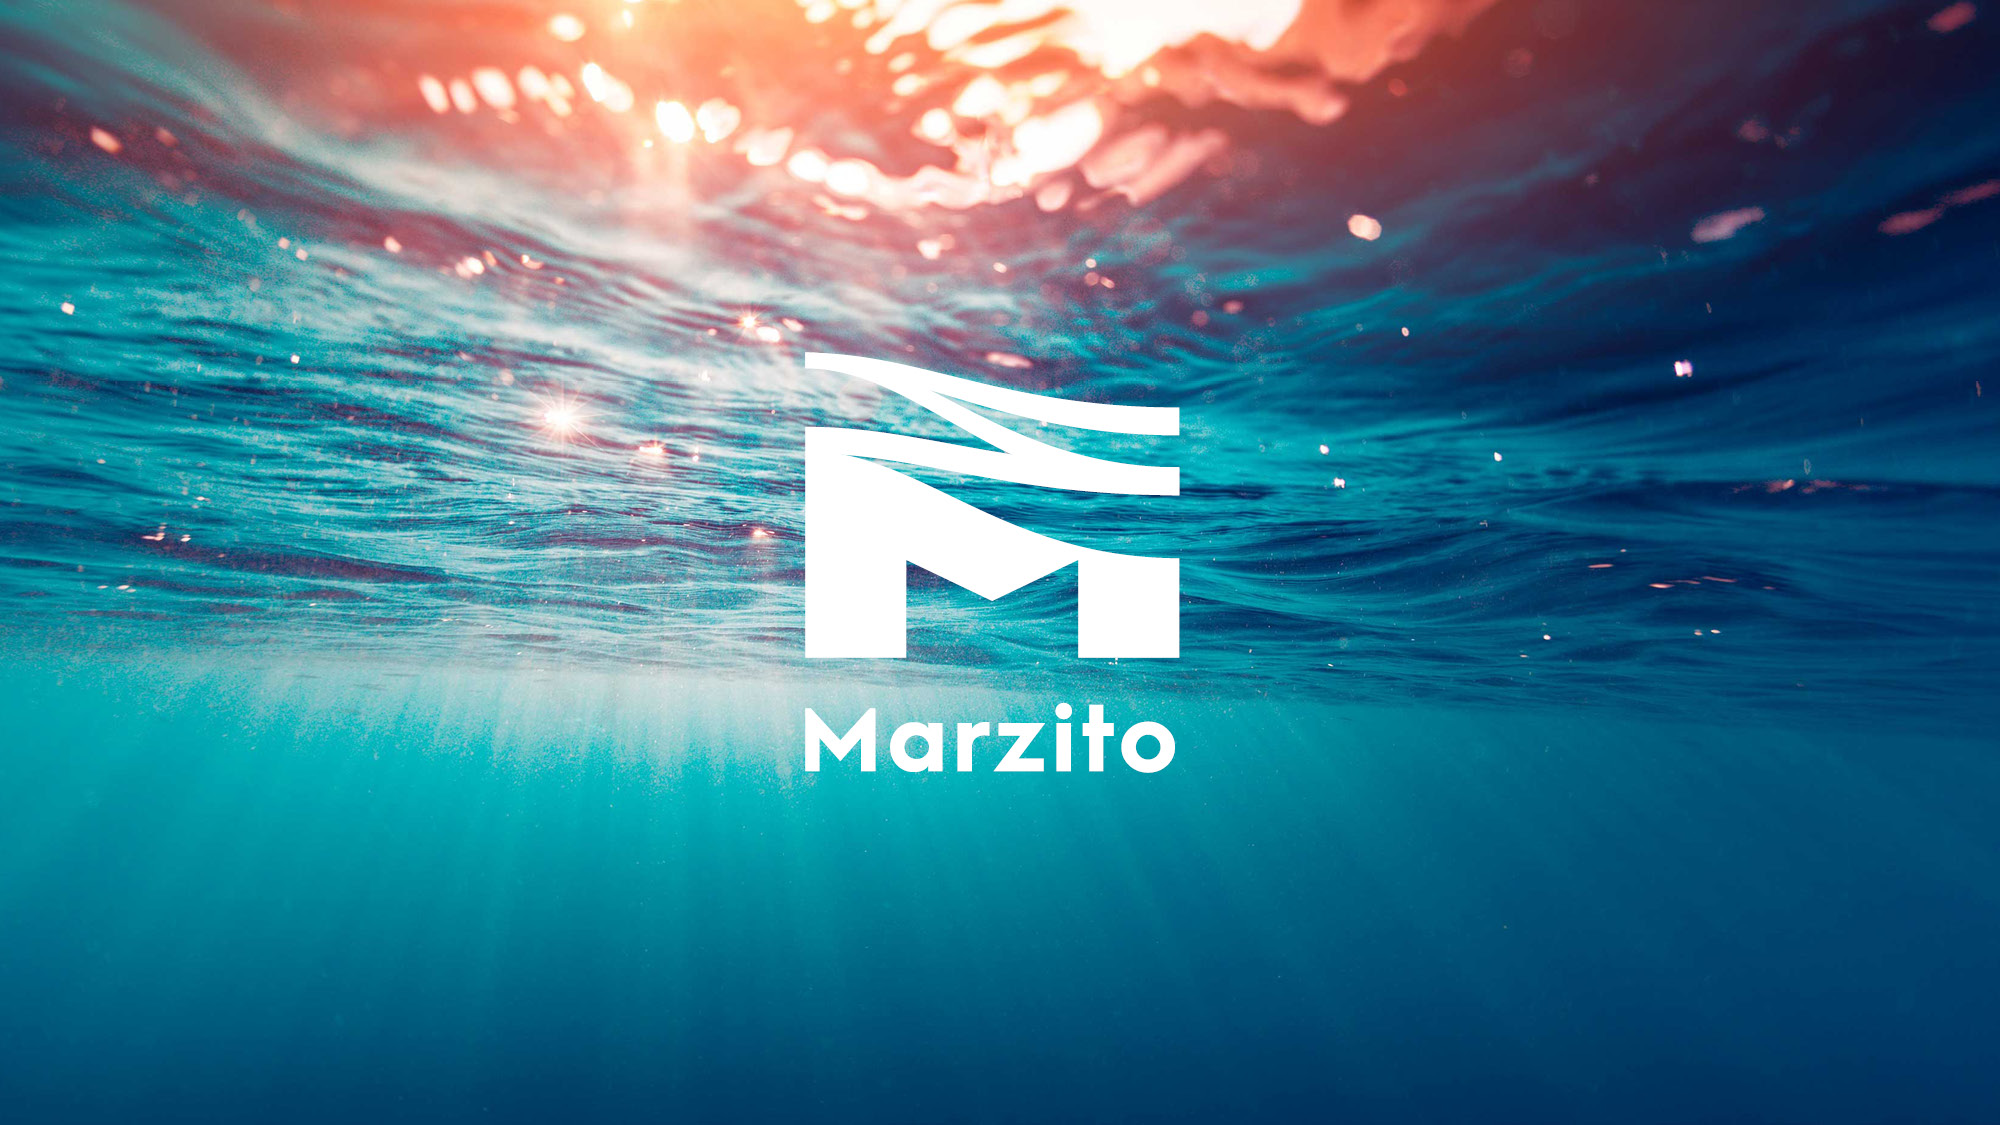 Nacione Branding Project for Marzito26